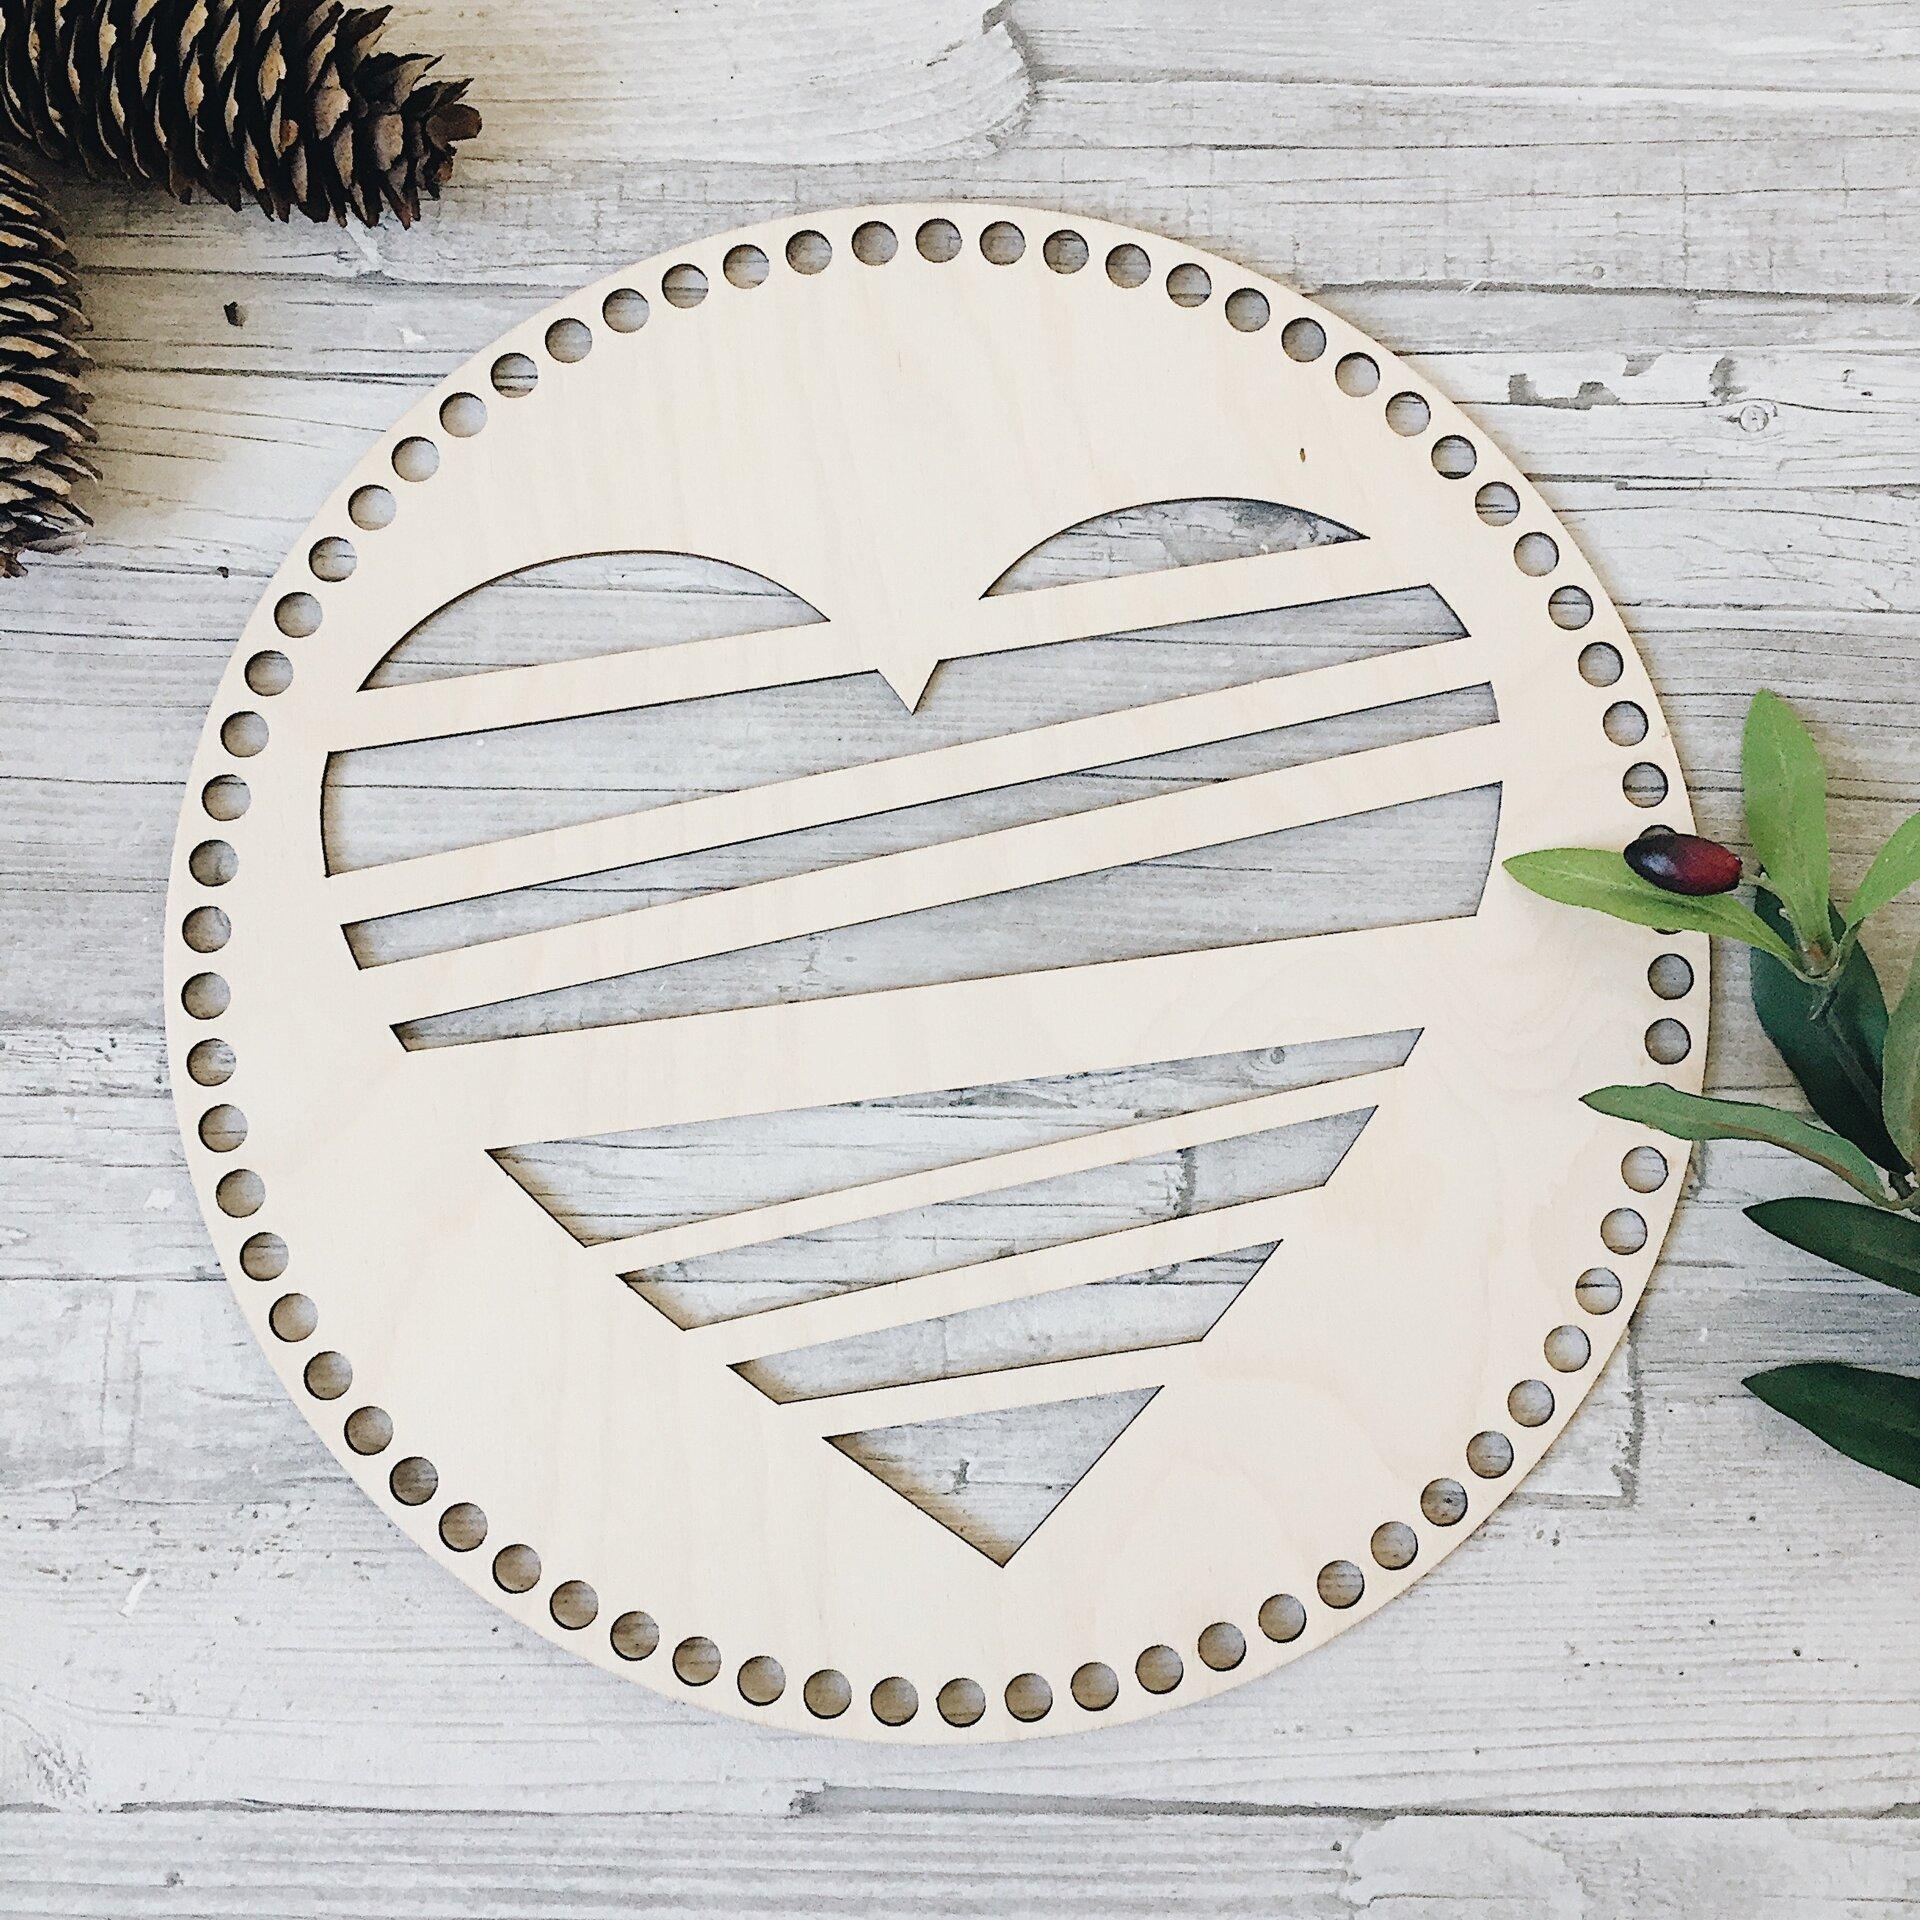 Деревянная резная крышка для корзинки, круг с сердцем 30см - фото pic_ee6031c7d7be5df_1920x9000_1.jpg